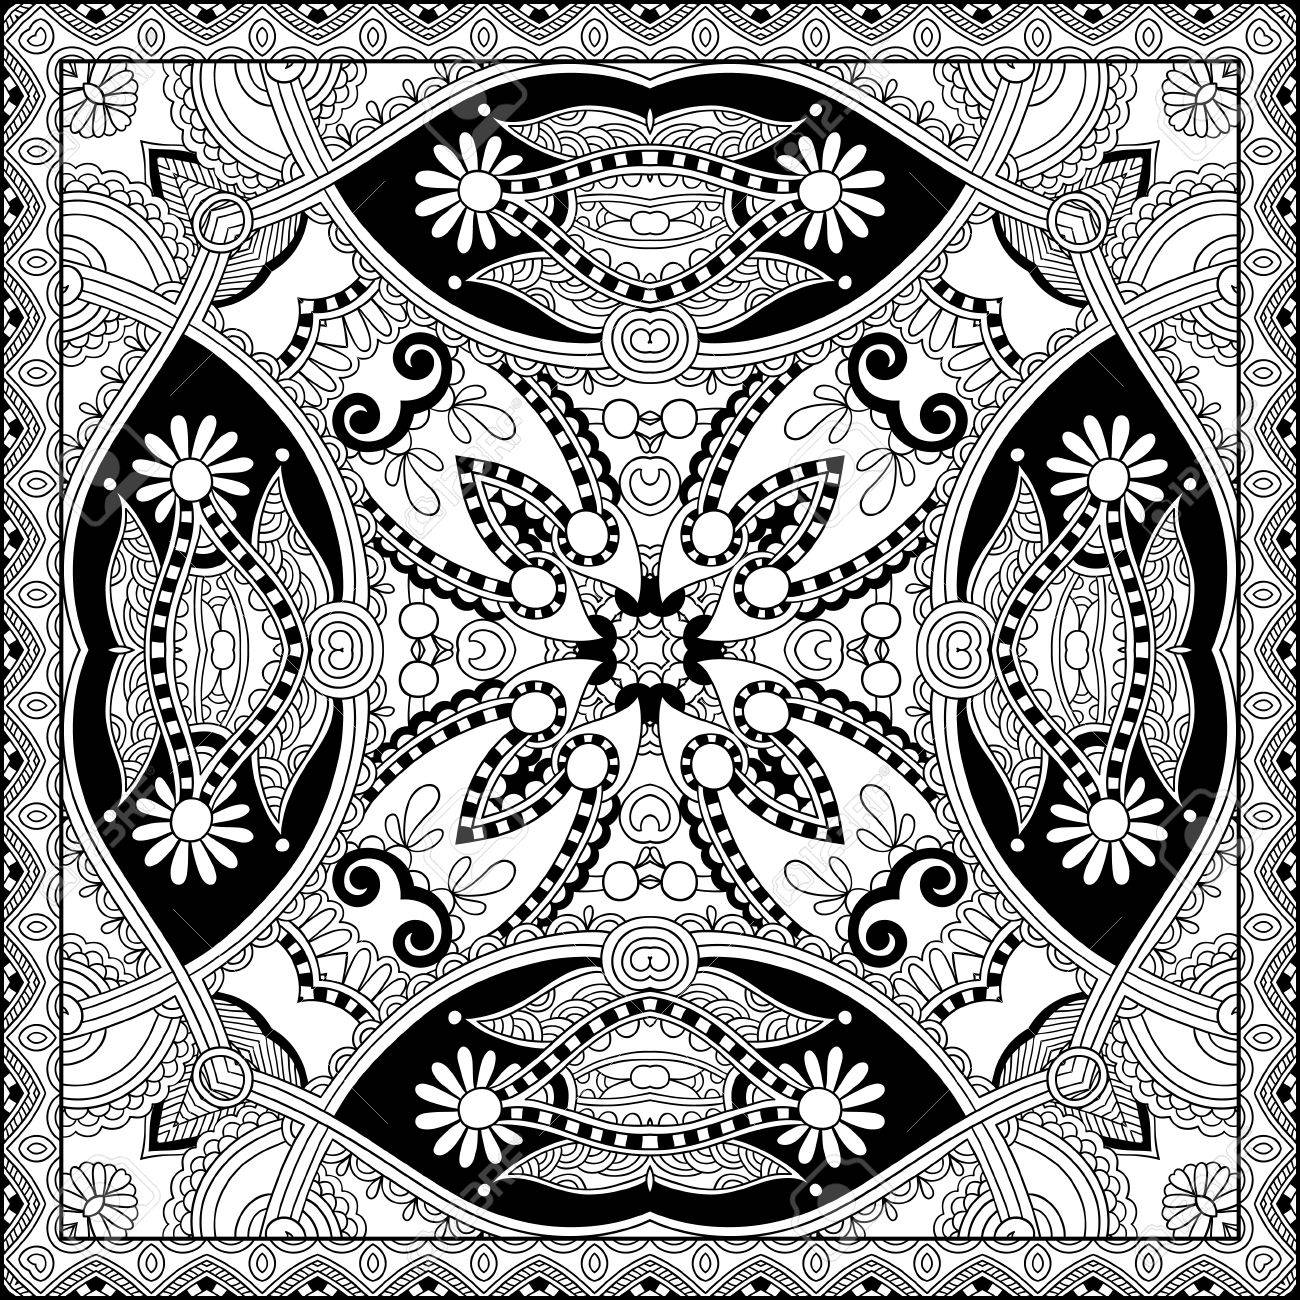 unique coloring book square page for adults floral authentic carpet design joy to older - Unique Coloring Books